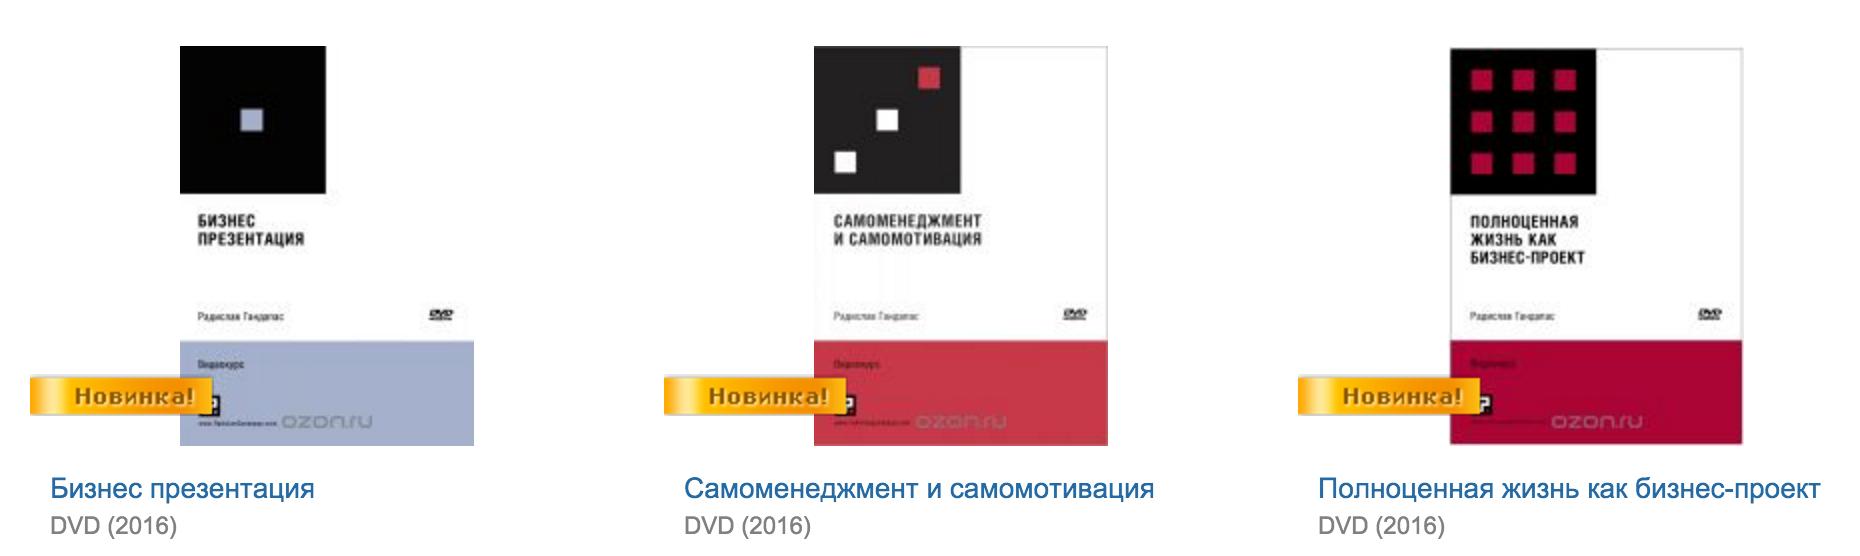 Видеокурсы Радислава Гандапаса